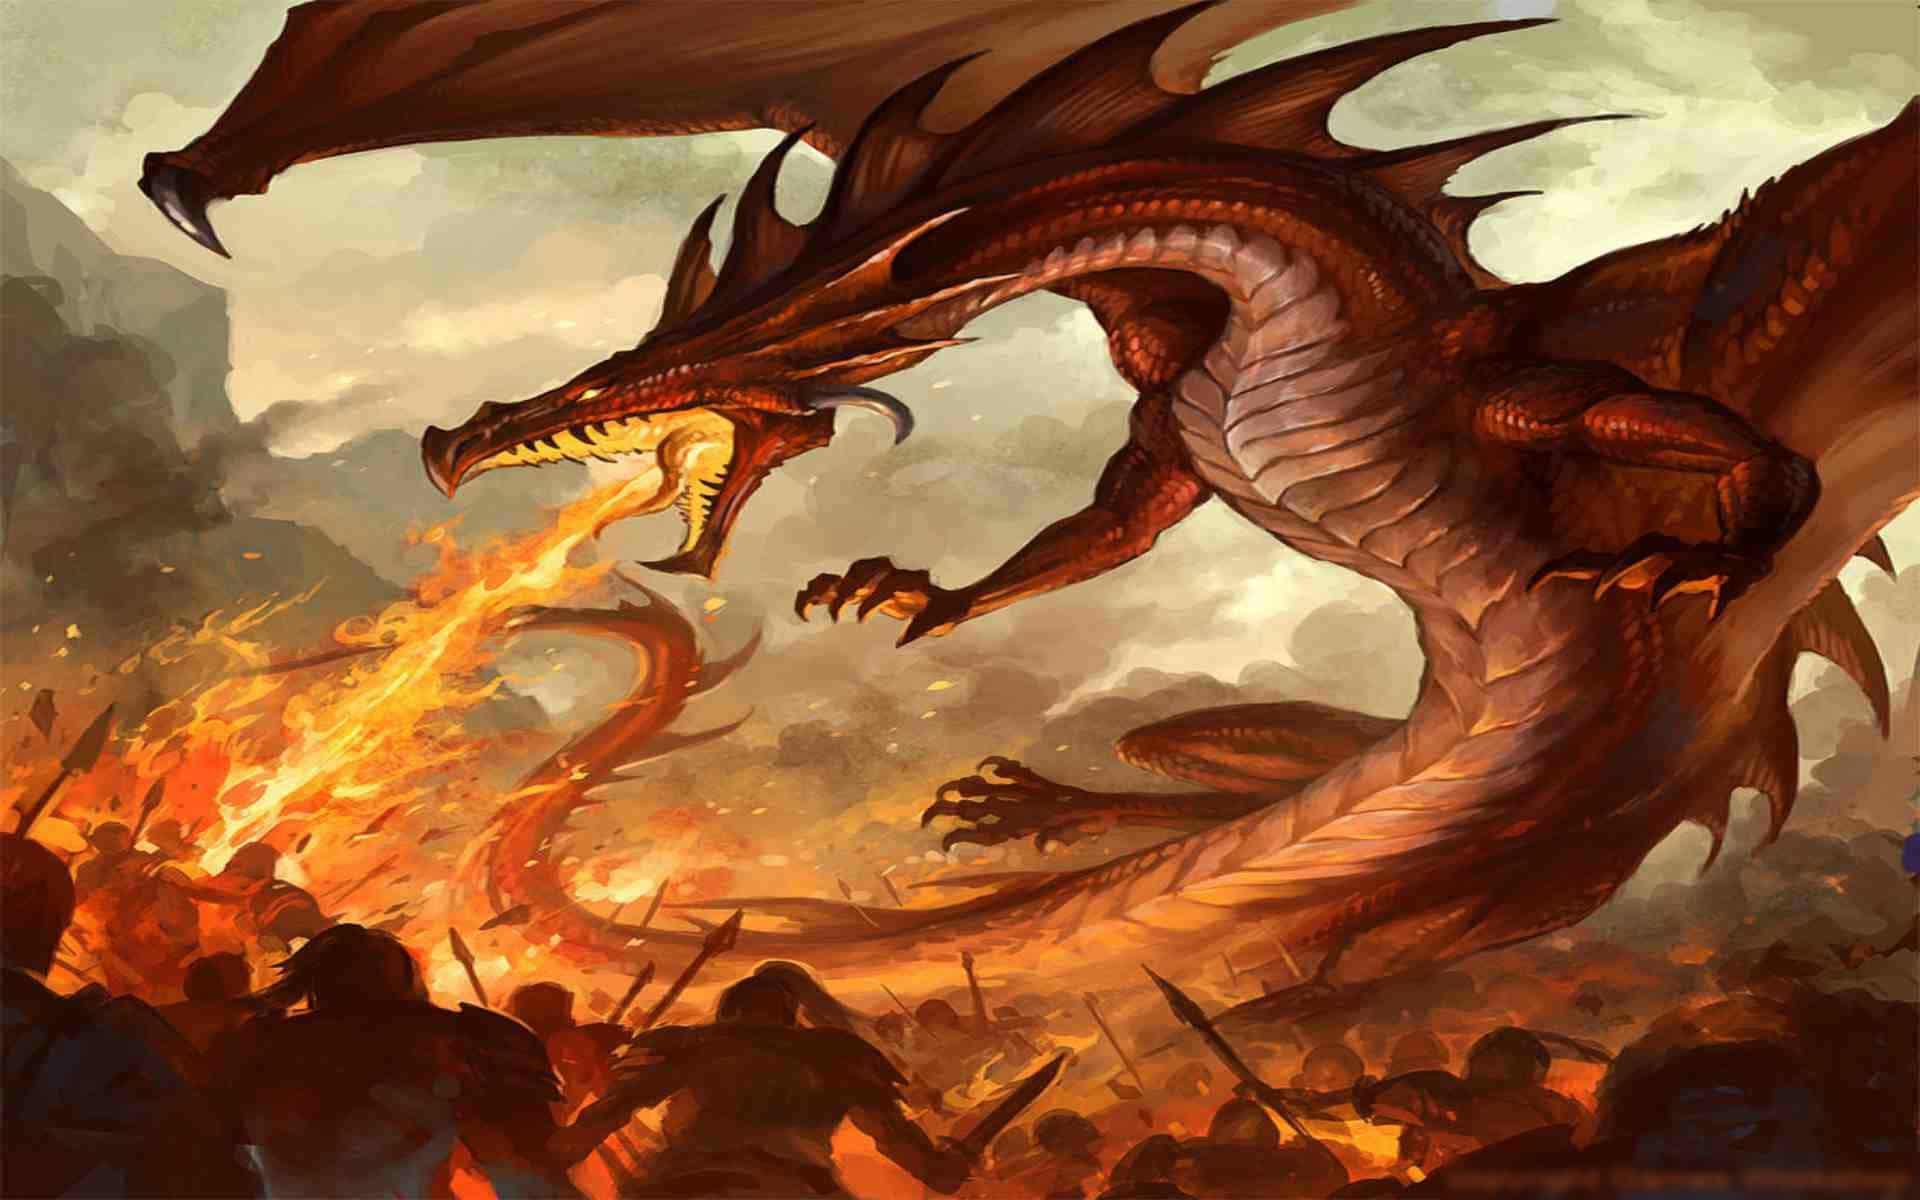 Tải hình rồng lửa đẹp nhất